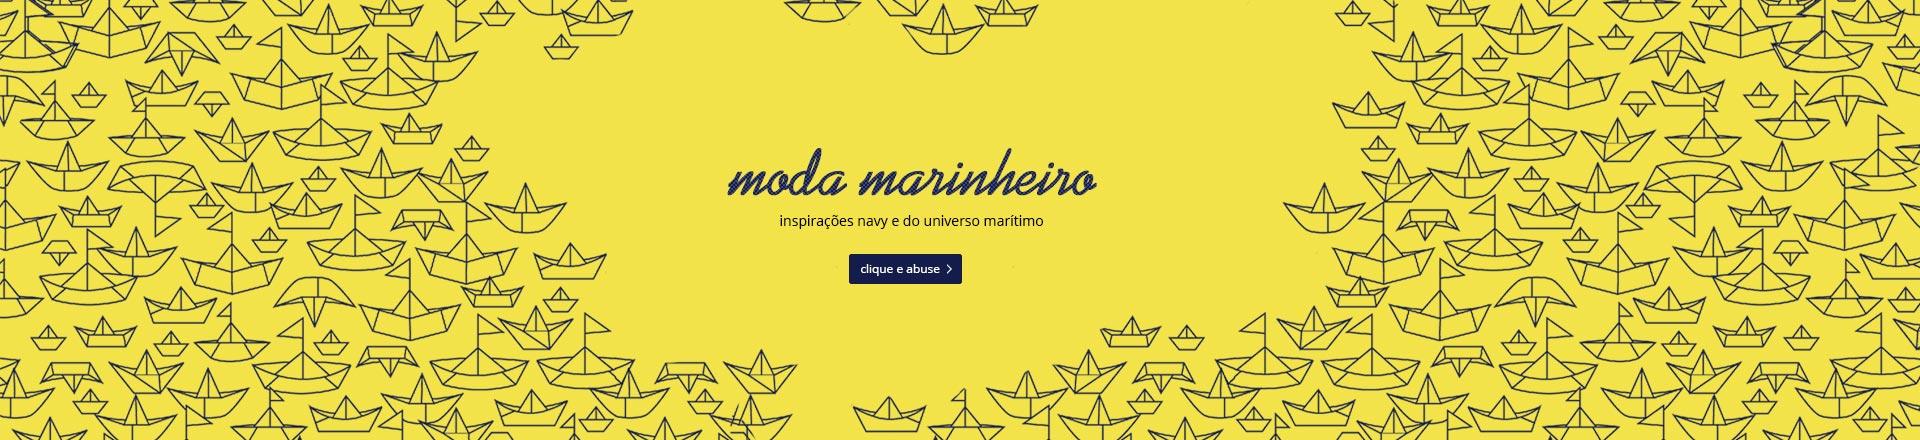 DEST5 F PREVIEW MARINHEIRO